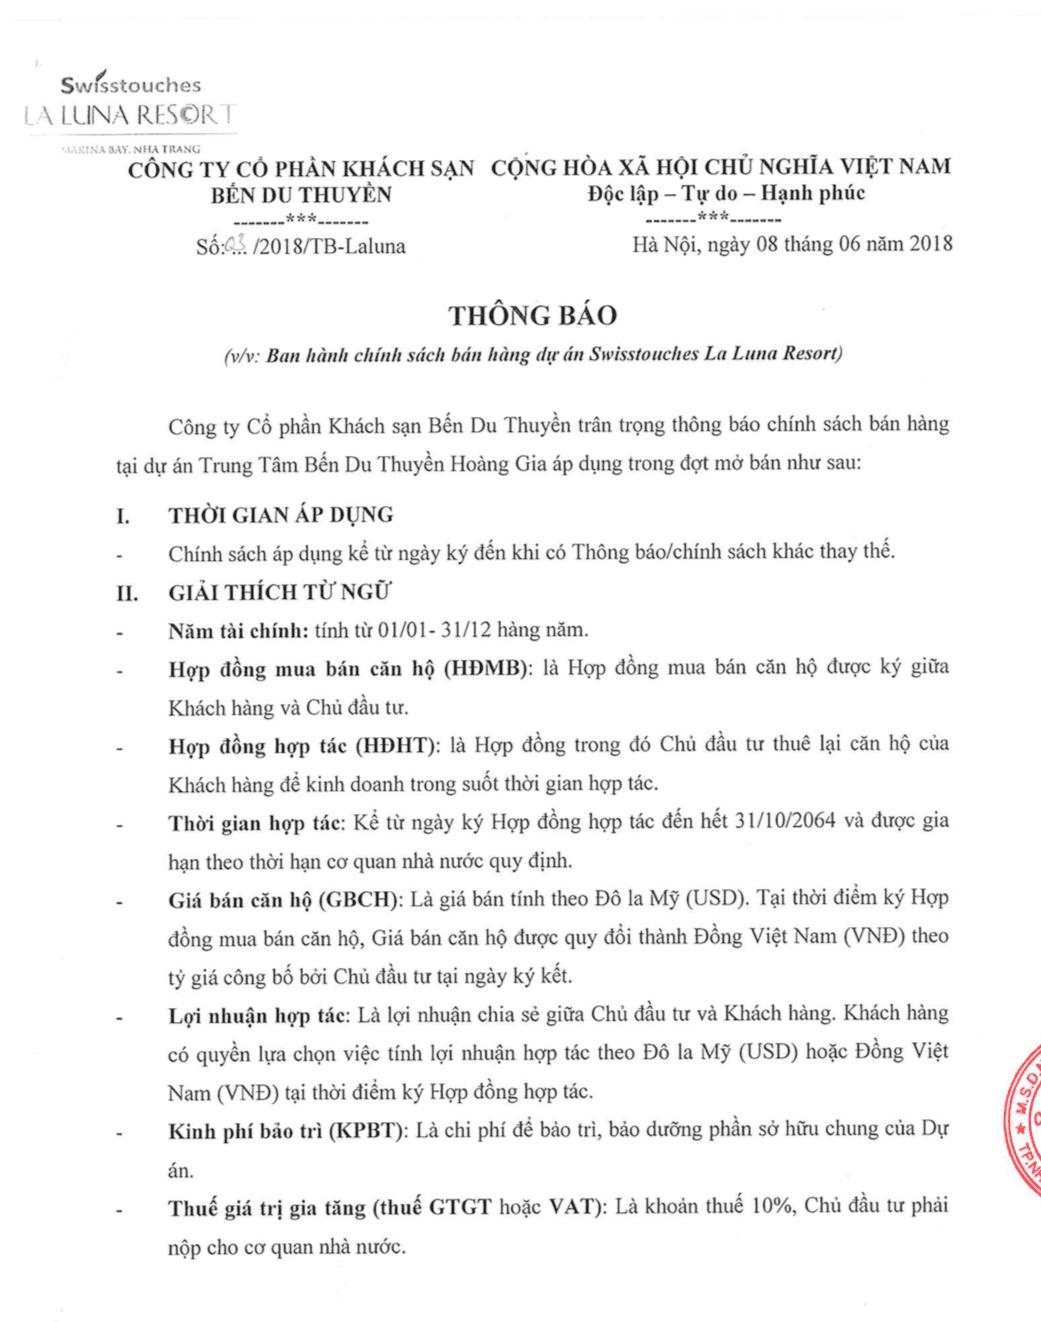 Chính sách bán hàng dự án La Luna Resort Nha Trang